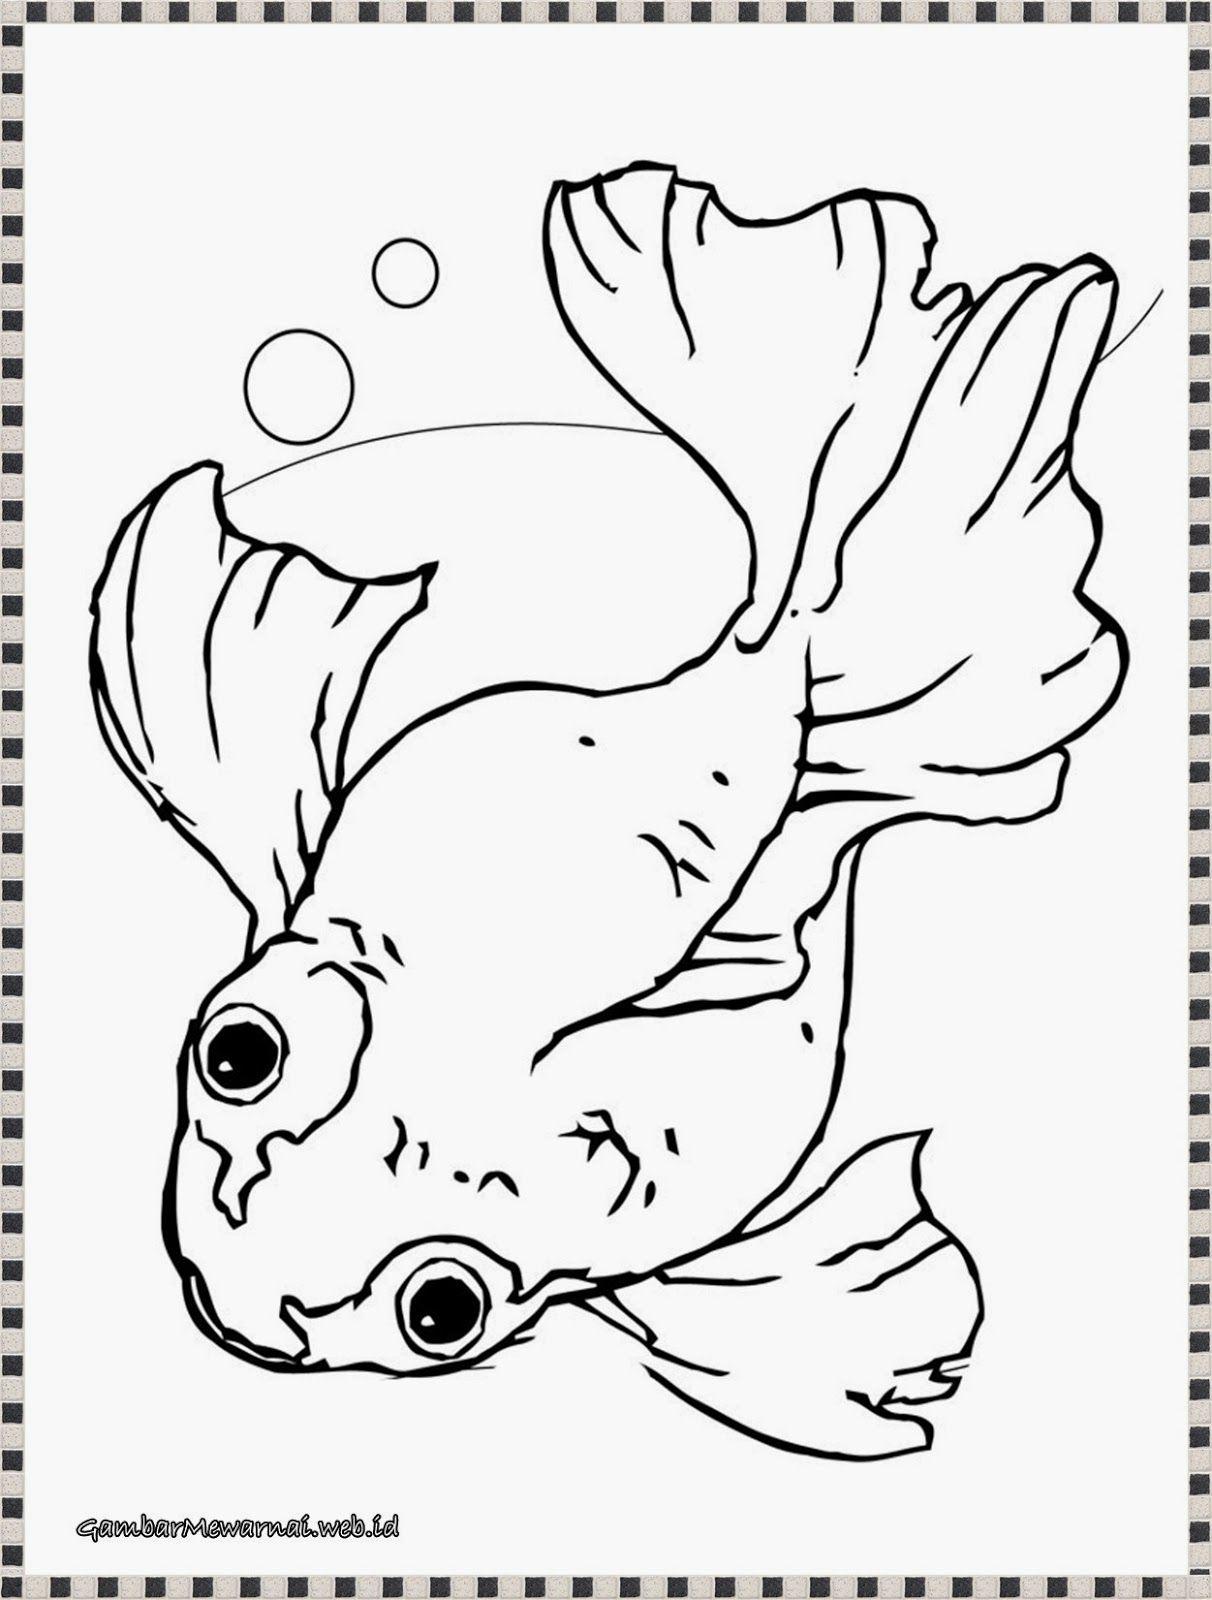 gambar ikan mas koki untuk diwarnai